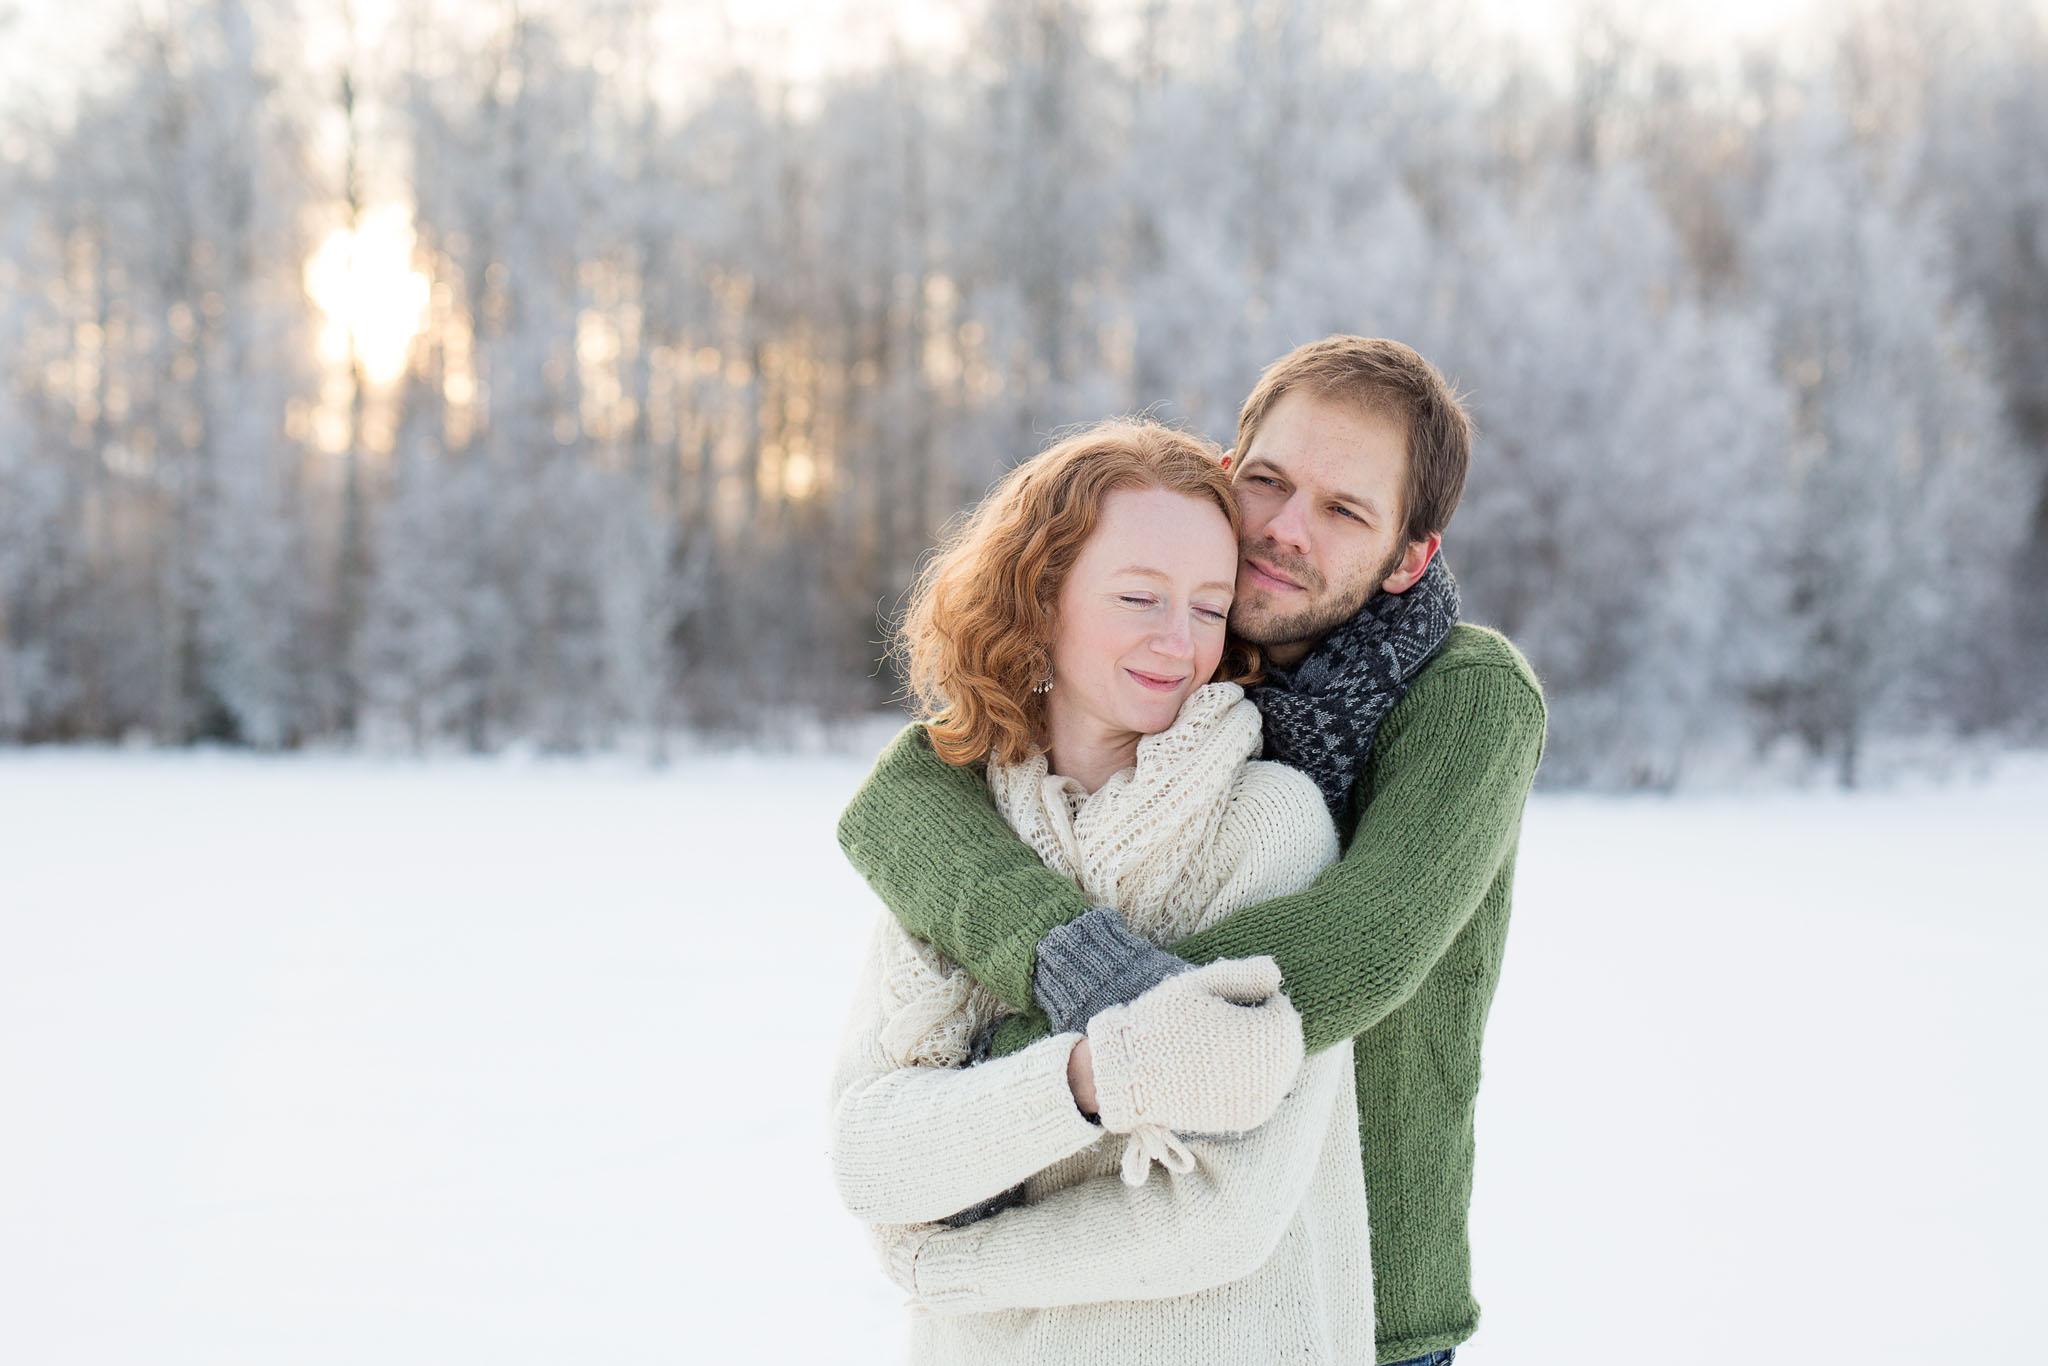 Fotograf_hudiksvall_sundsvall_söderhamn_delsbo_järvsö_ljusdal_bollnäs_sabina_wixner_3.jpg